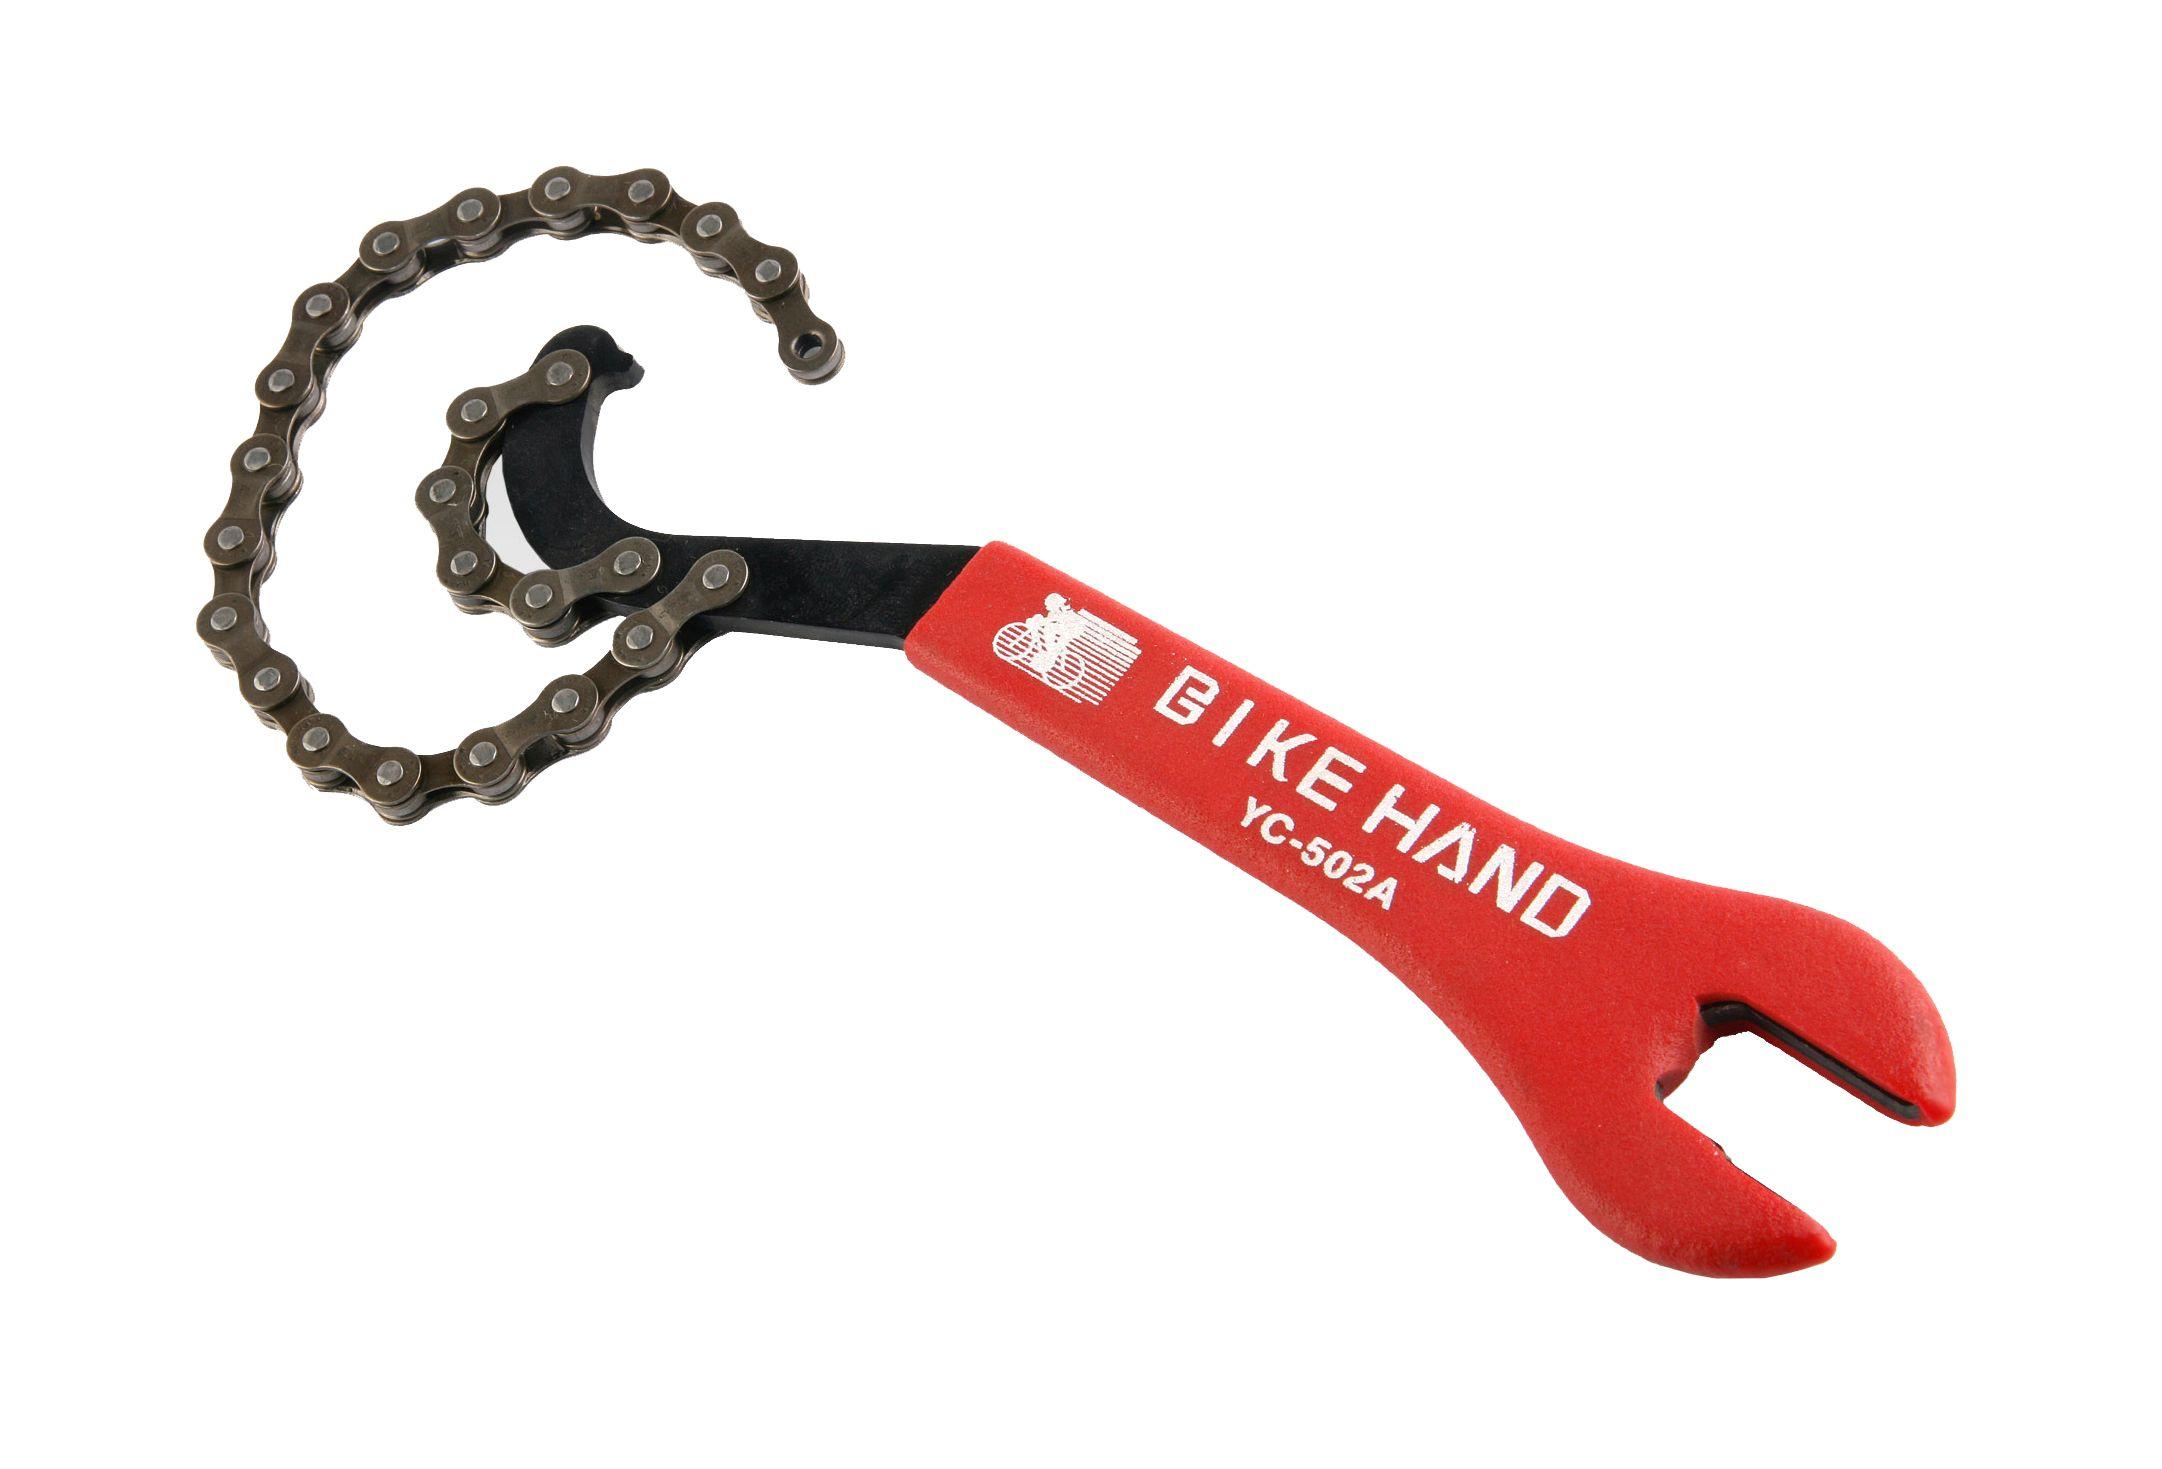 Аксессуар BIKE HAND YC-502A для затяжки трещоток и кареток  502a cp